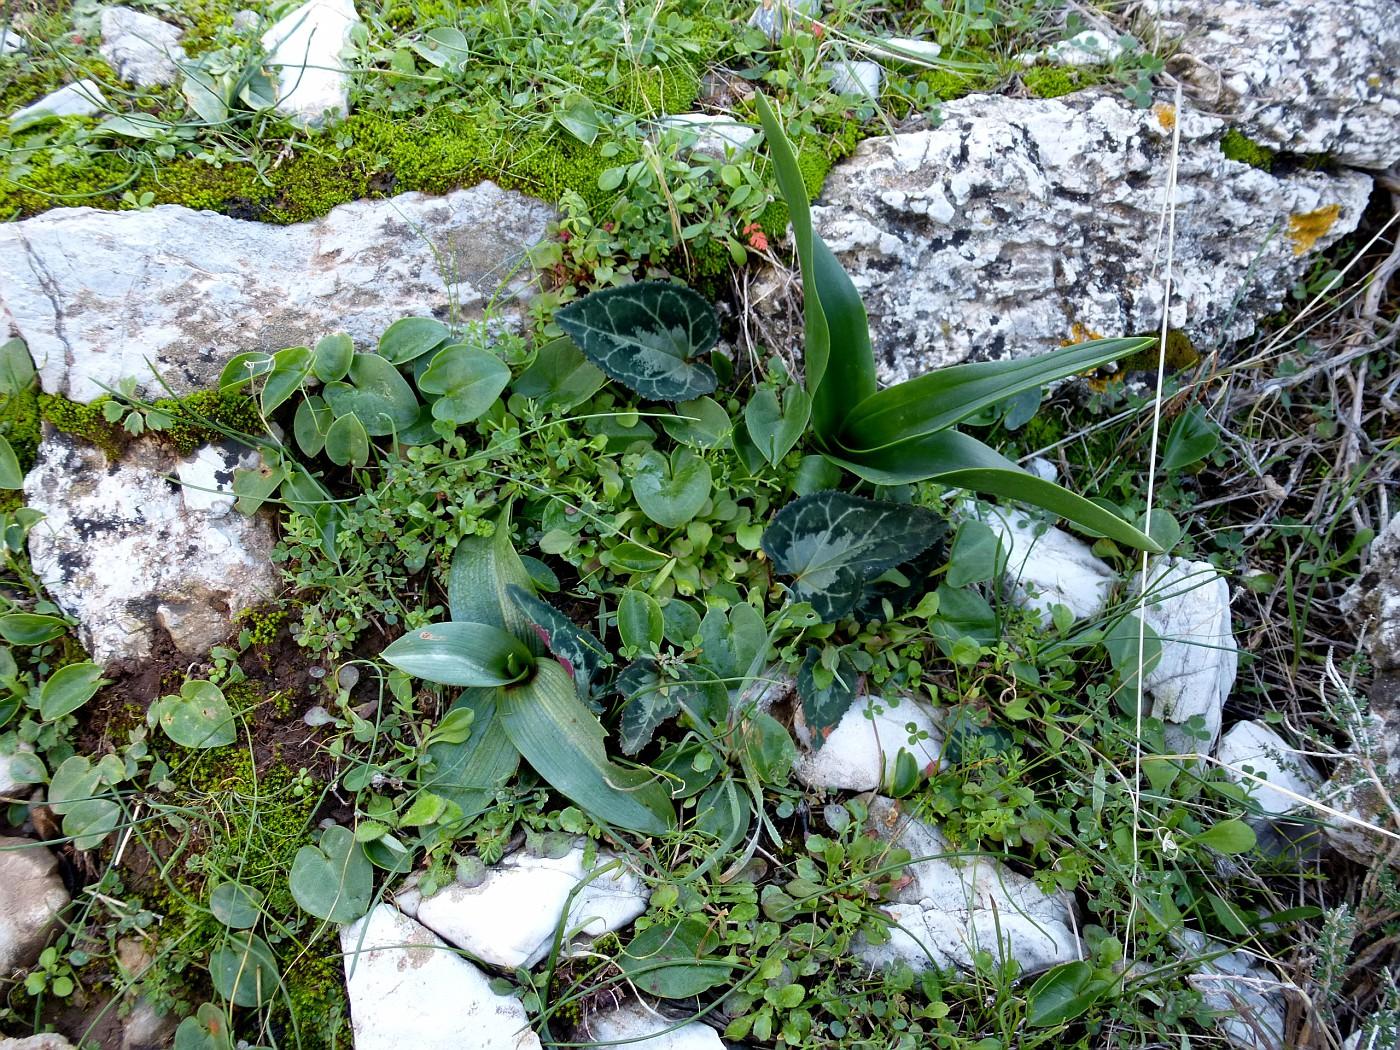 Arisarum, Ophrys, Urginea, Cyclamen